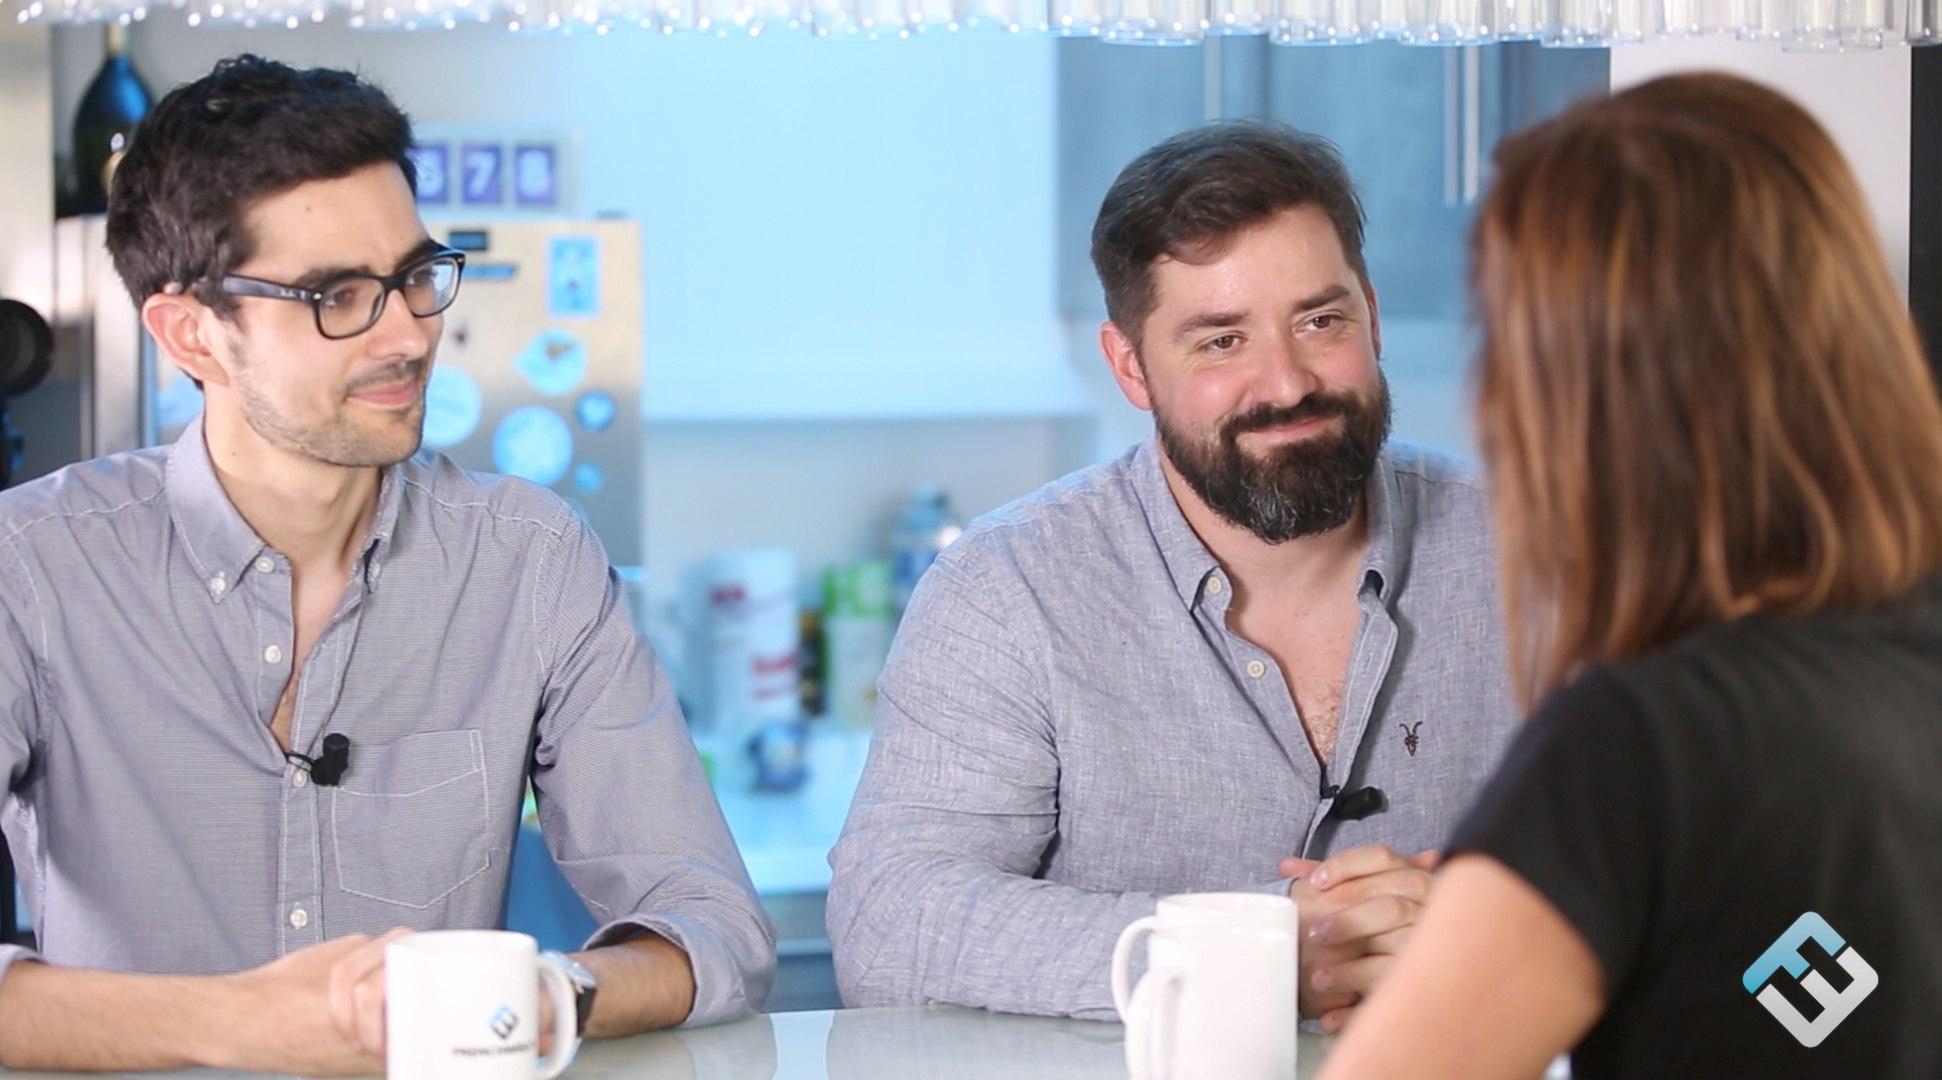 Le Débrief de la semaine «Spécial Blockchain», avec Pascal Gauthier (Kaiko) et Clément Jeanneau (Blo